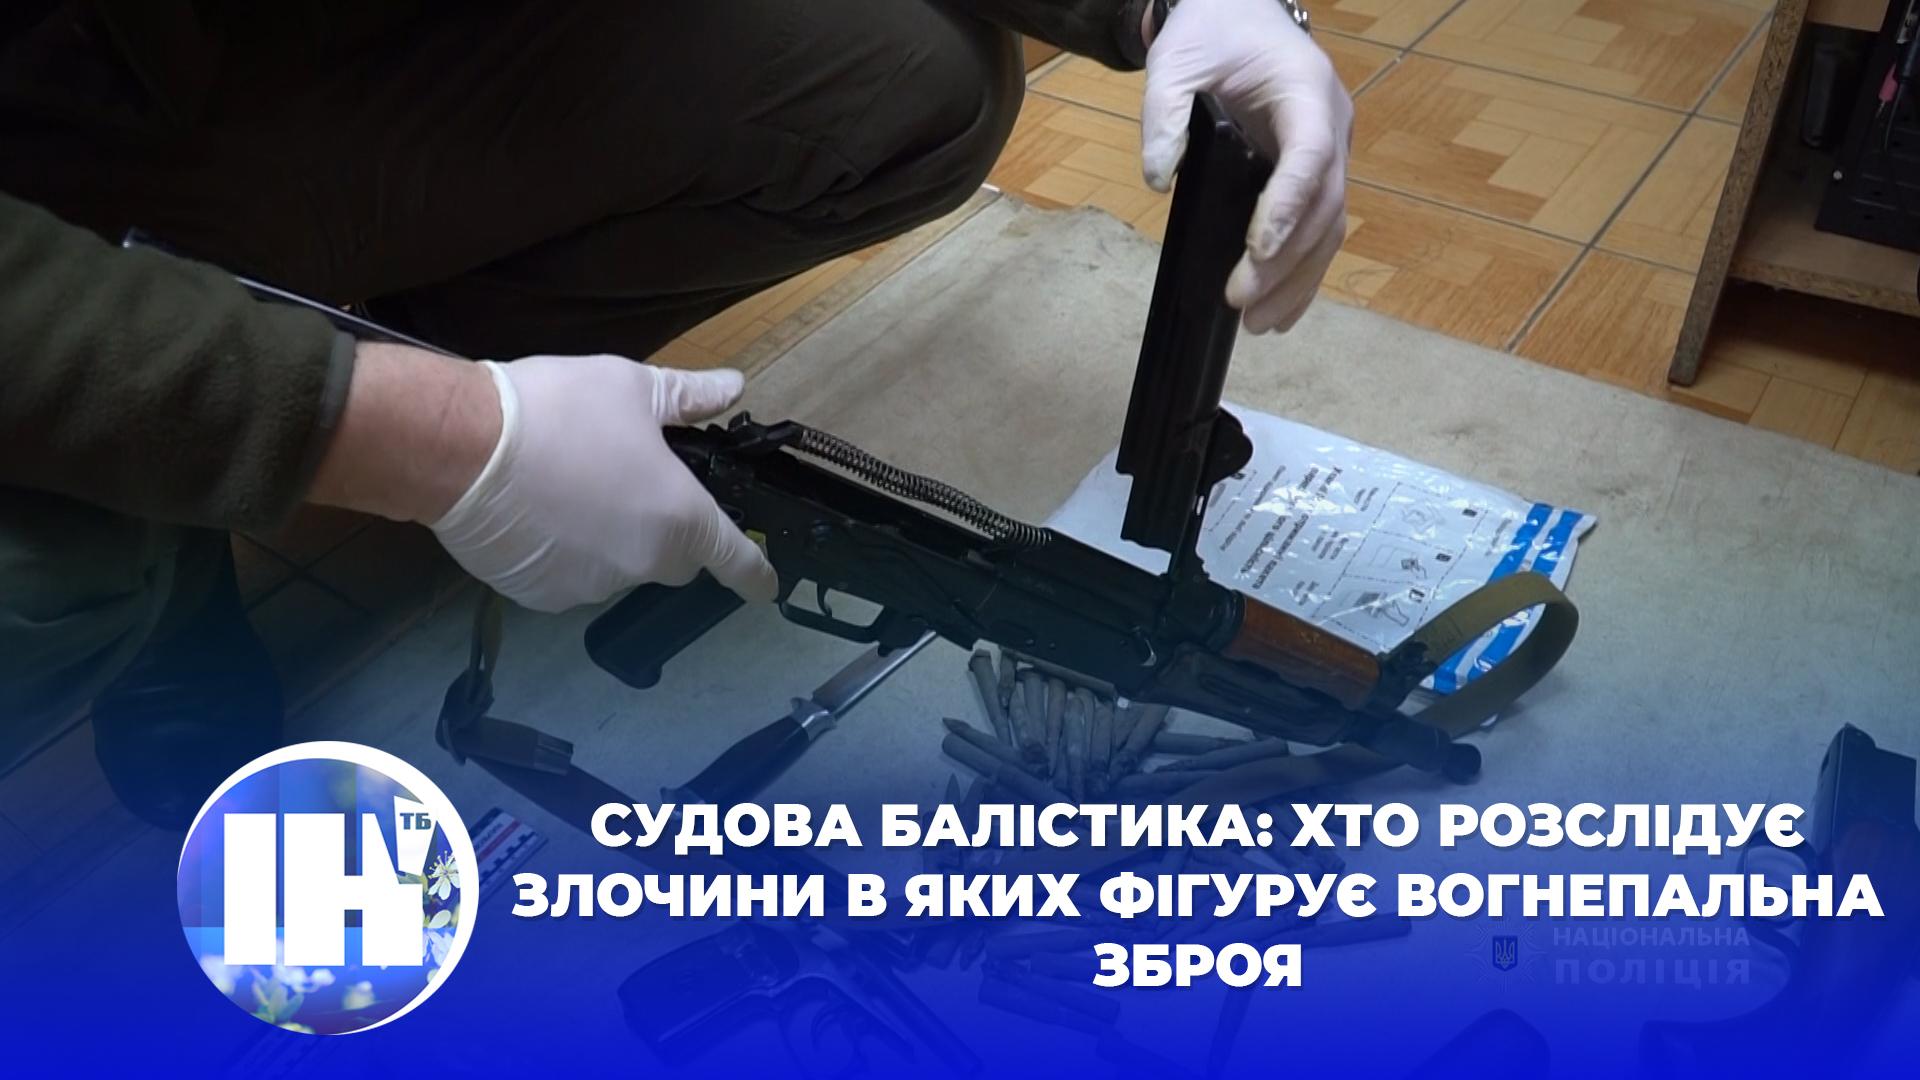 Судова балістика: хто розслідує злочини в яких фігурує вогнепальна зброя